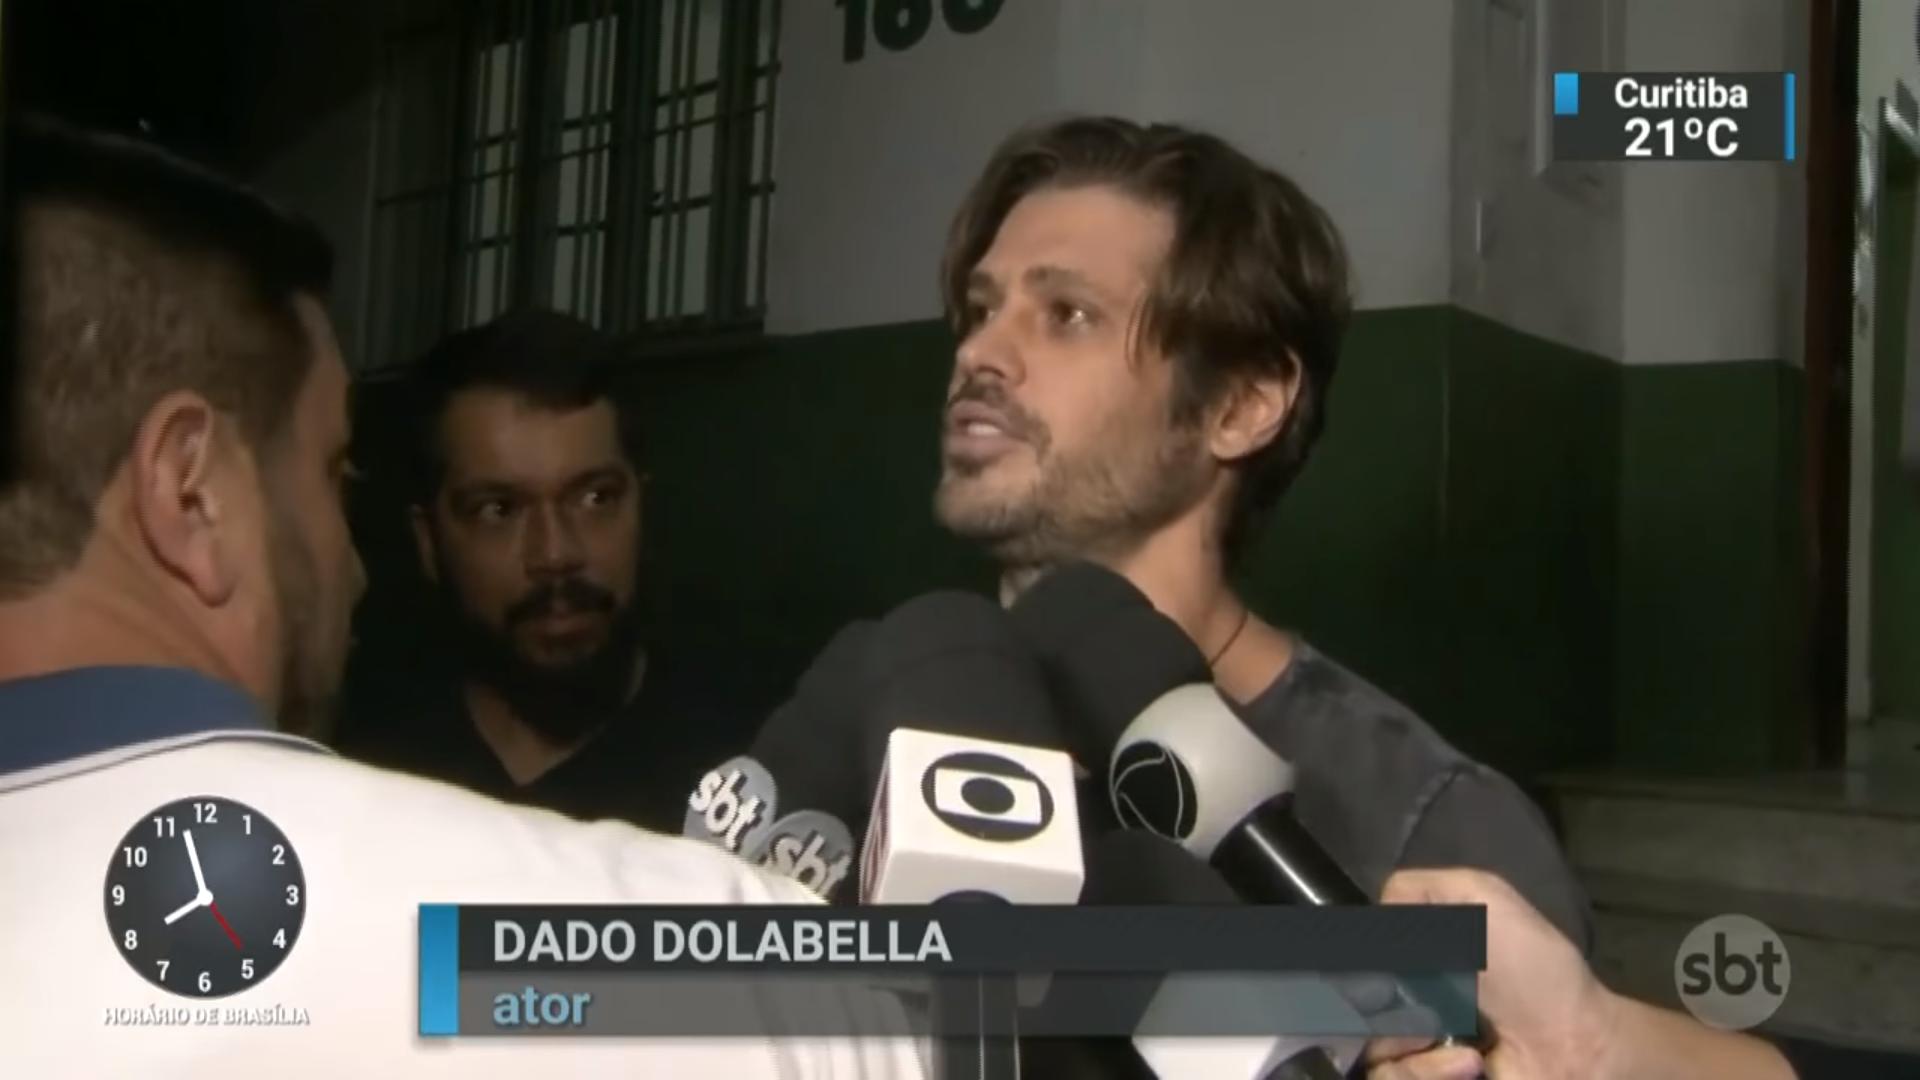 O ator Dado Dolabella. (Foto: Reprodução)